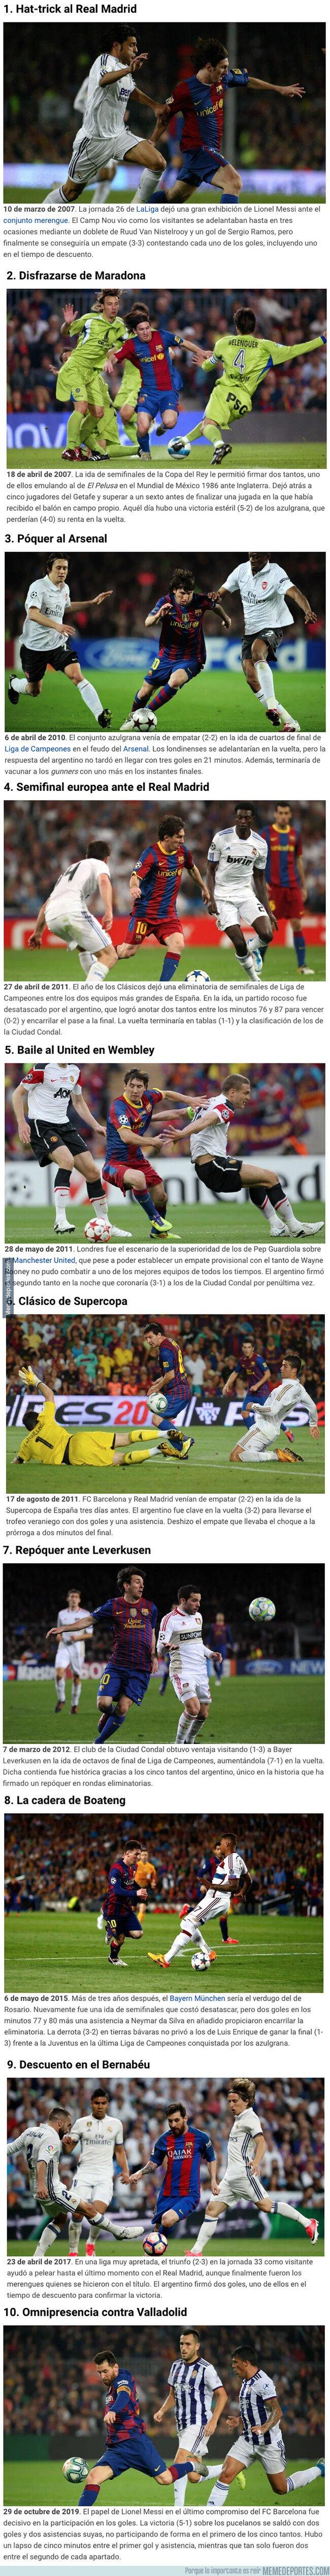 1089738 - Los 10 momentos más gloriosos de Messi con la camiseta del Barça